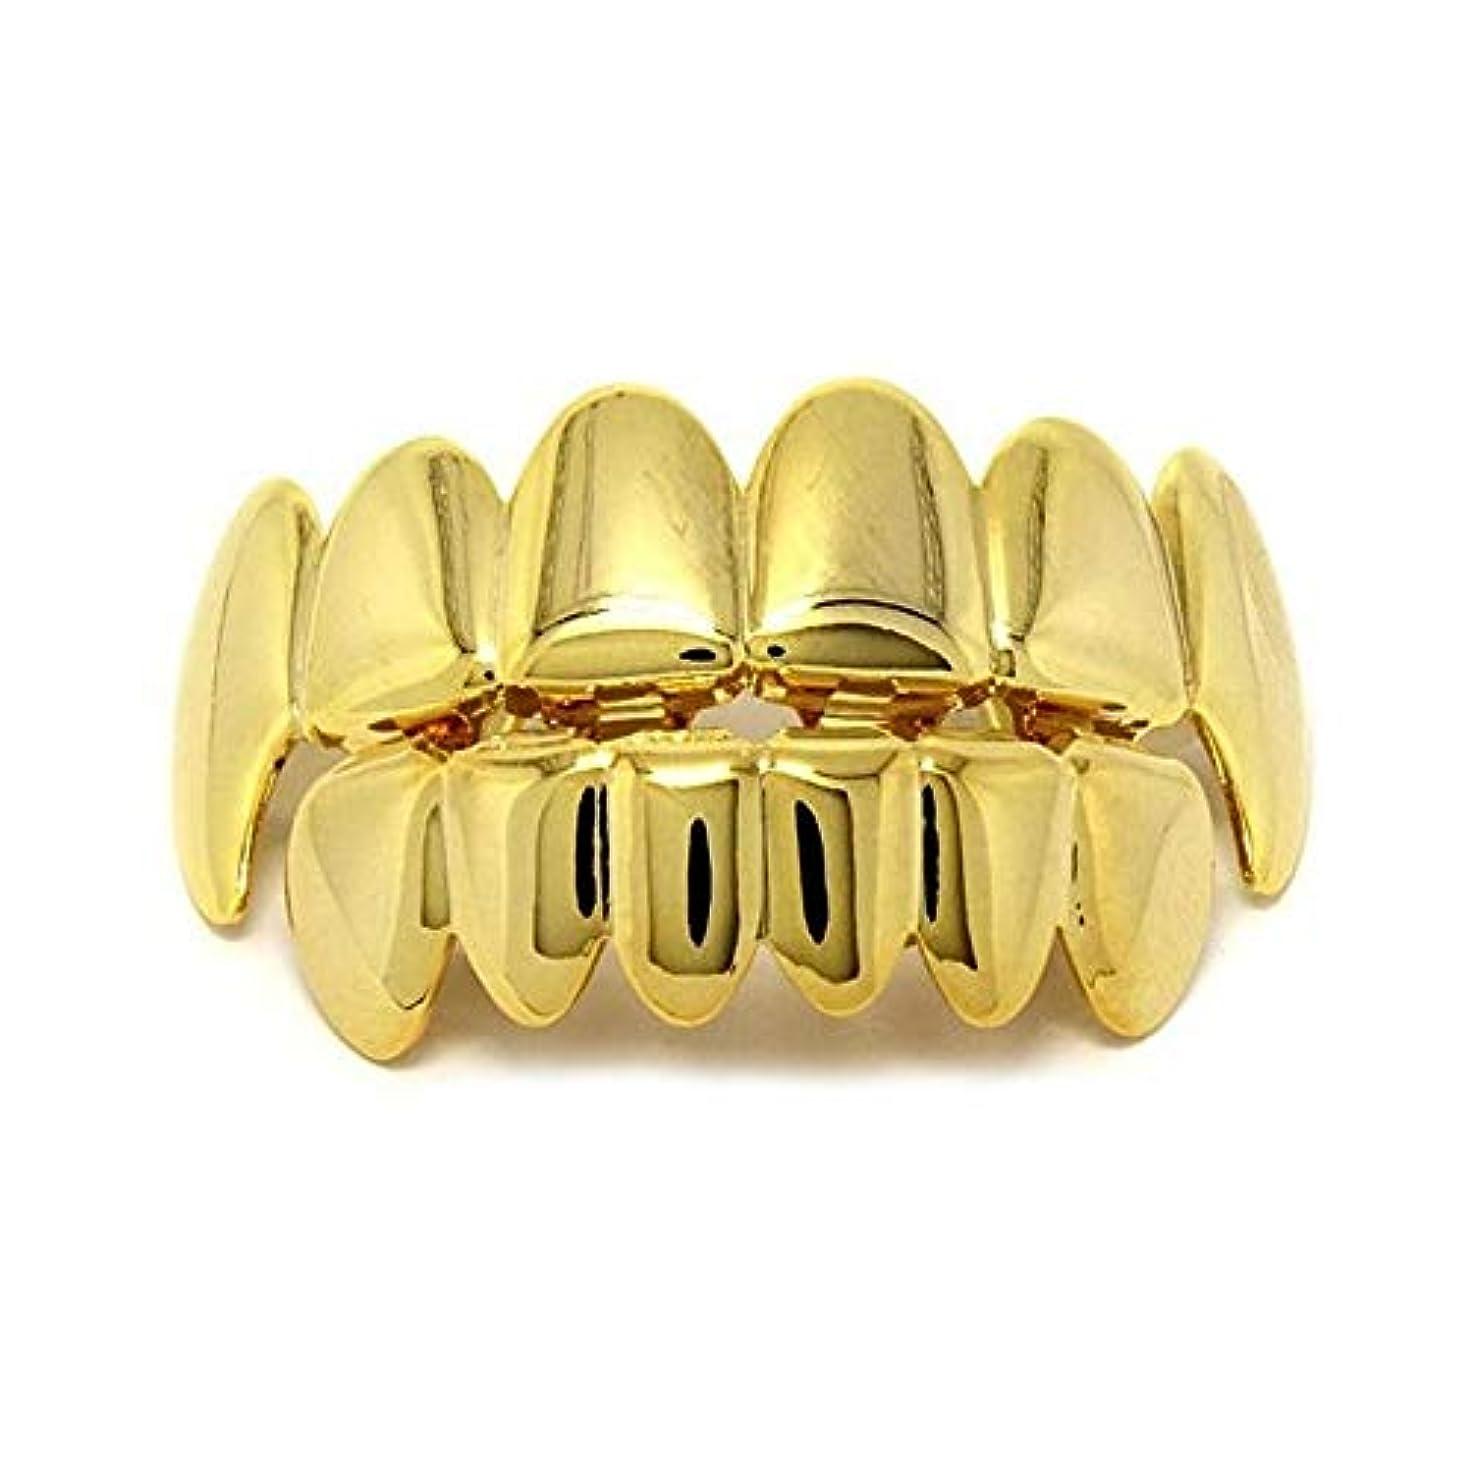 シャッター地質学ハッピーヨーロッパ系アメリカ人INS最もホットなヒップホップの歯キャップ、ゴールド&ブラック&シルバー歯ブレースゴールドプレート口の歯 (Color : Gold)